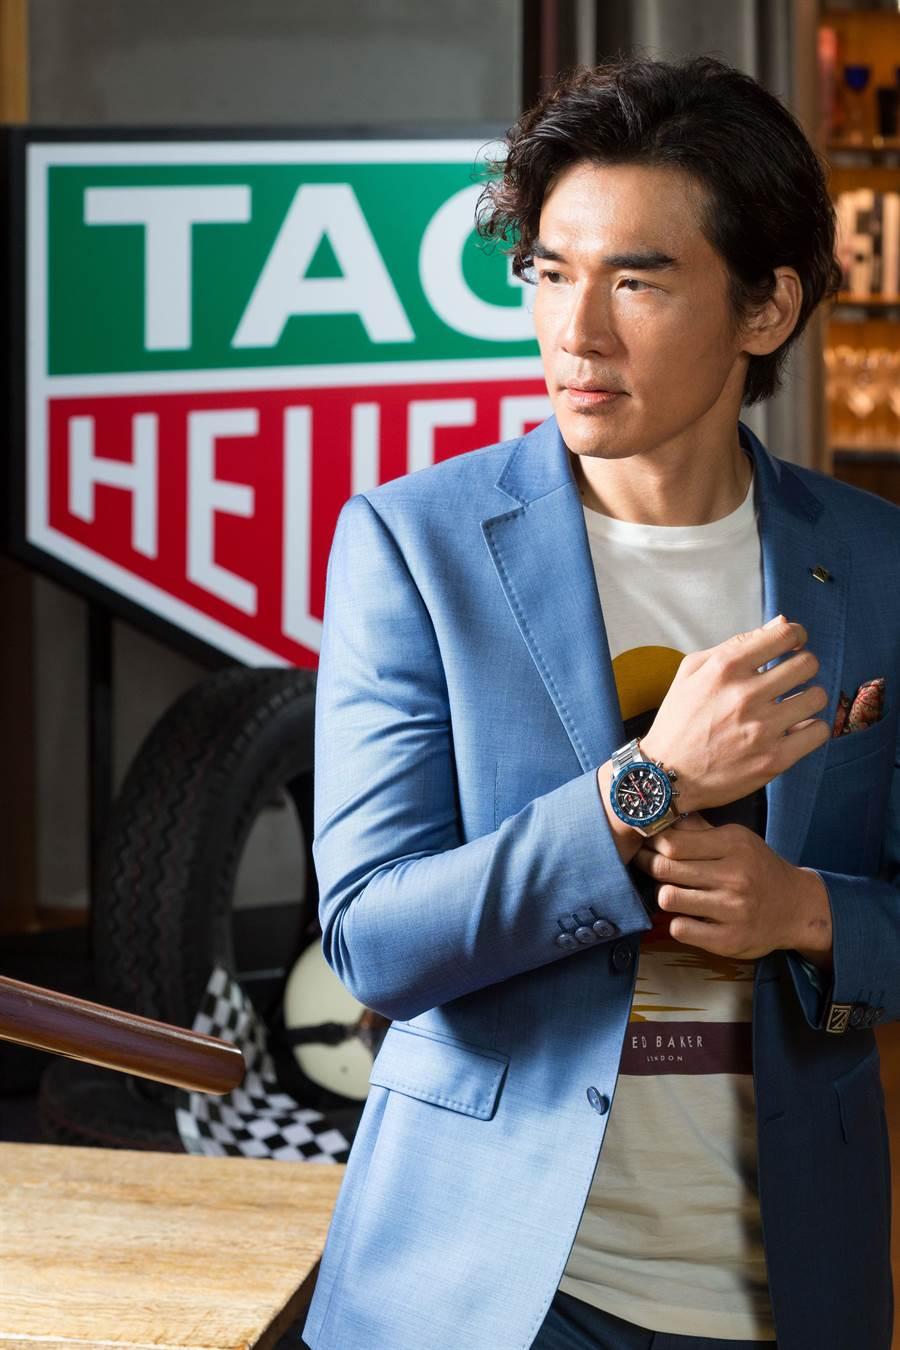 楊一展熱愛賽車,以新造型搭配泰格豪雅Carrera Heuer 02計時腕表,十分帥氣。(TAG Heuer提供)